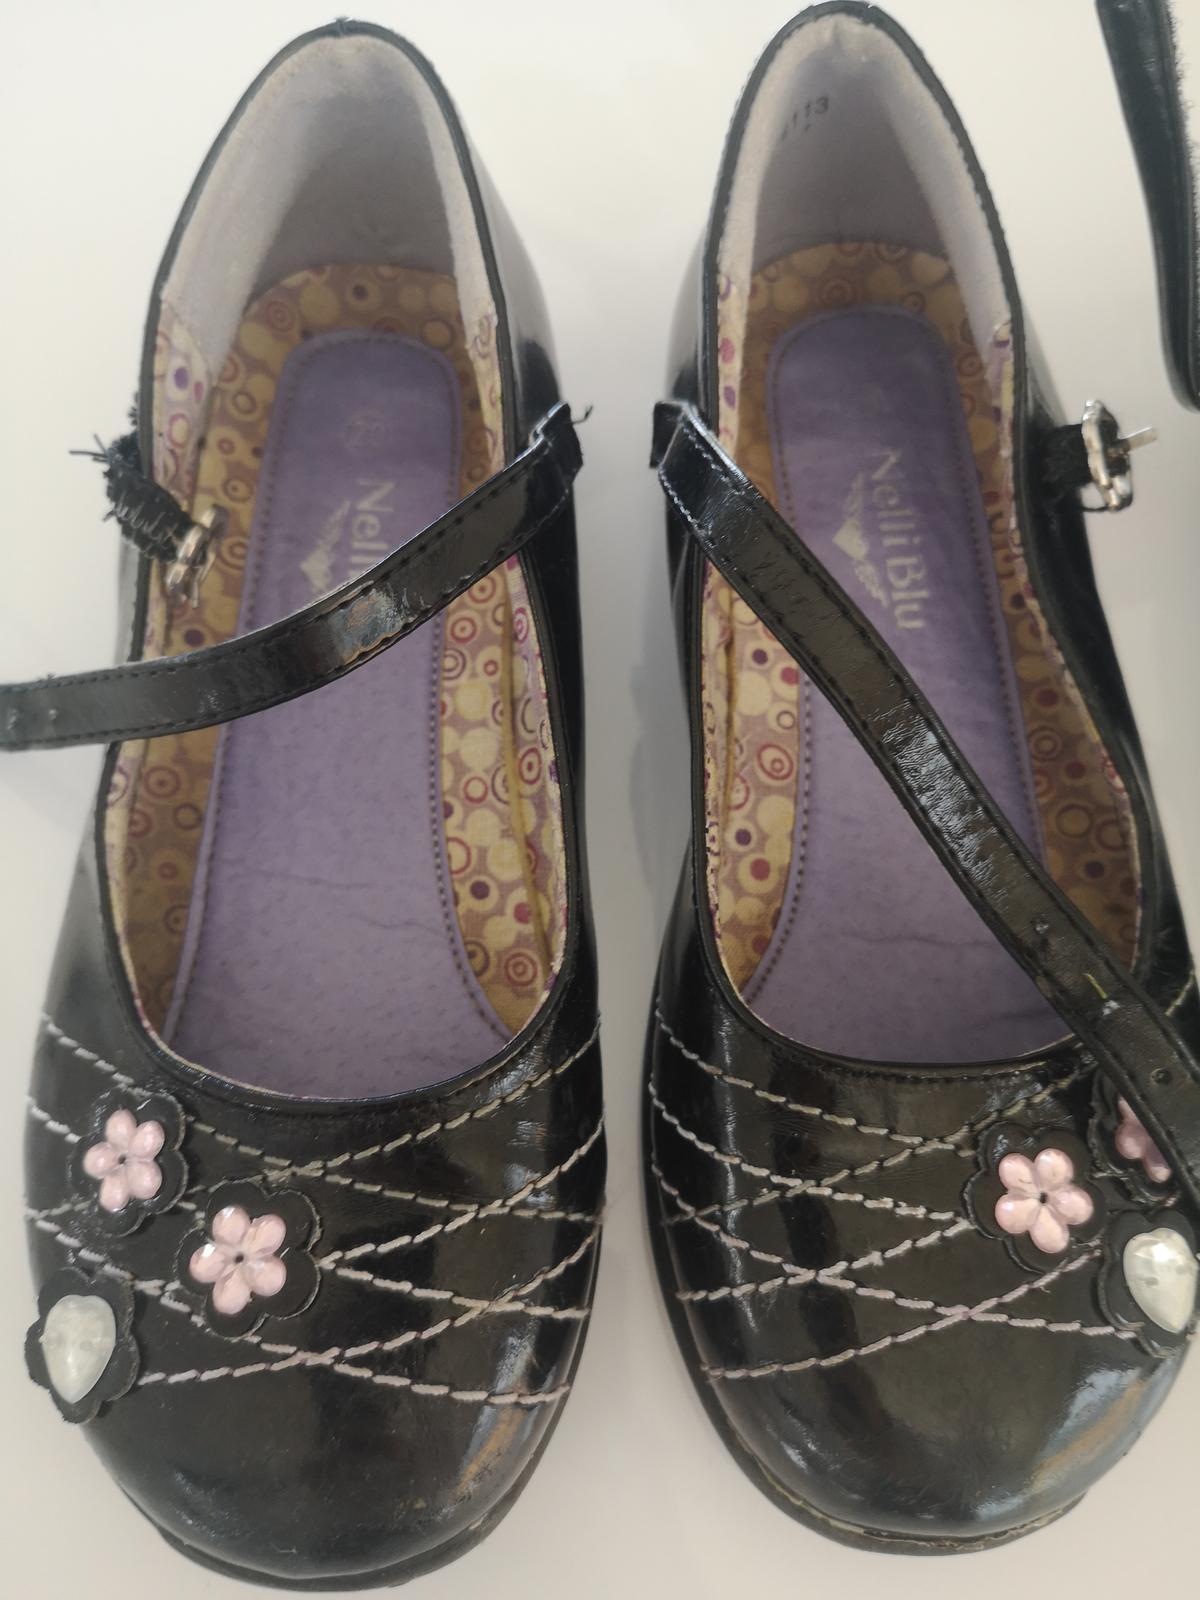 sandálky s kytičkou - Obrázek č. 1